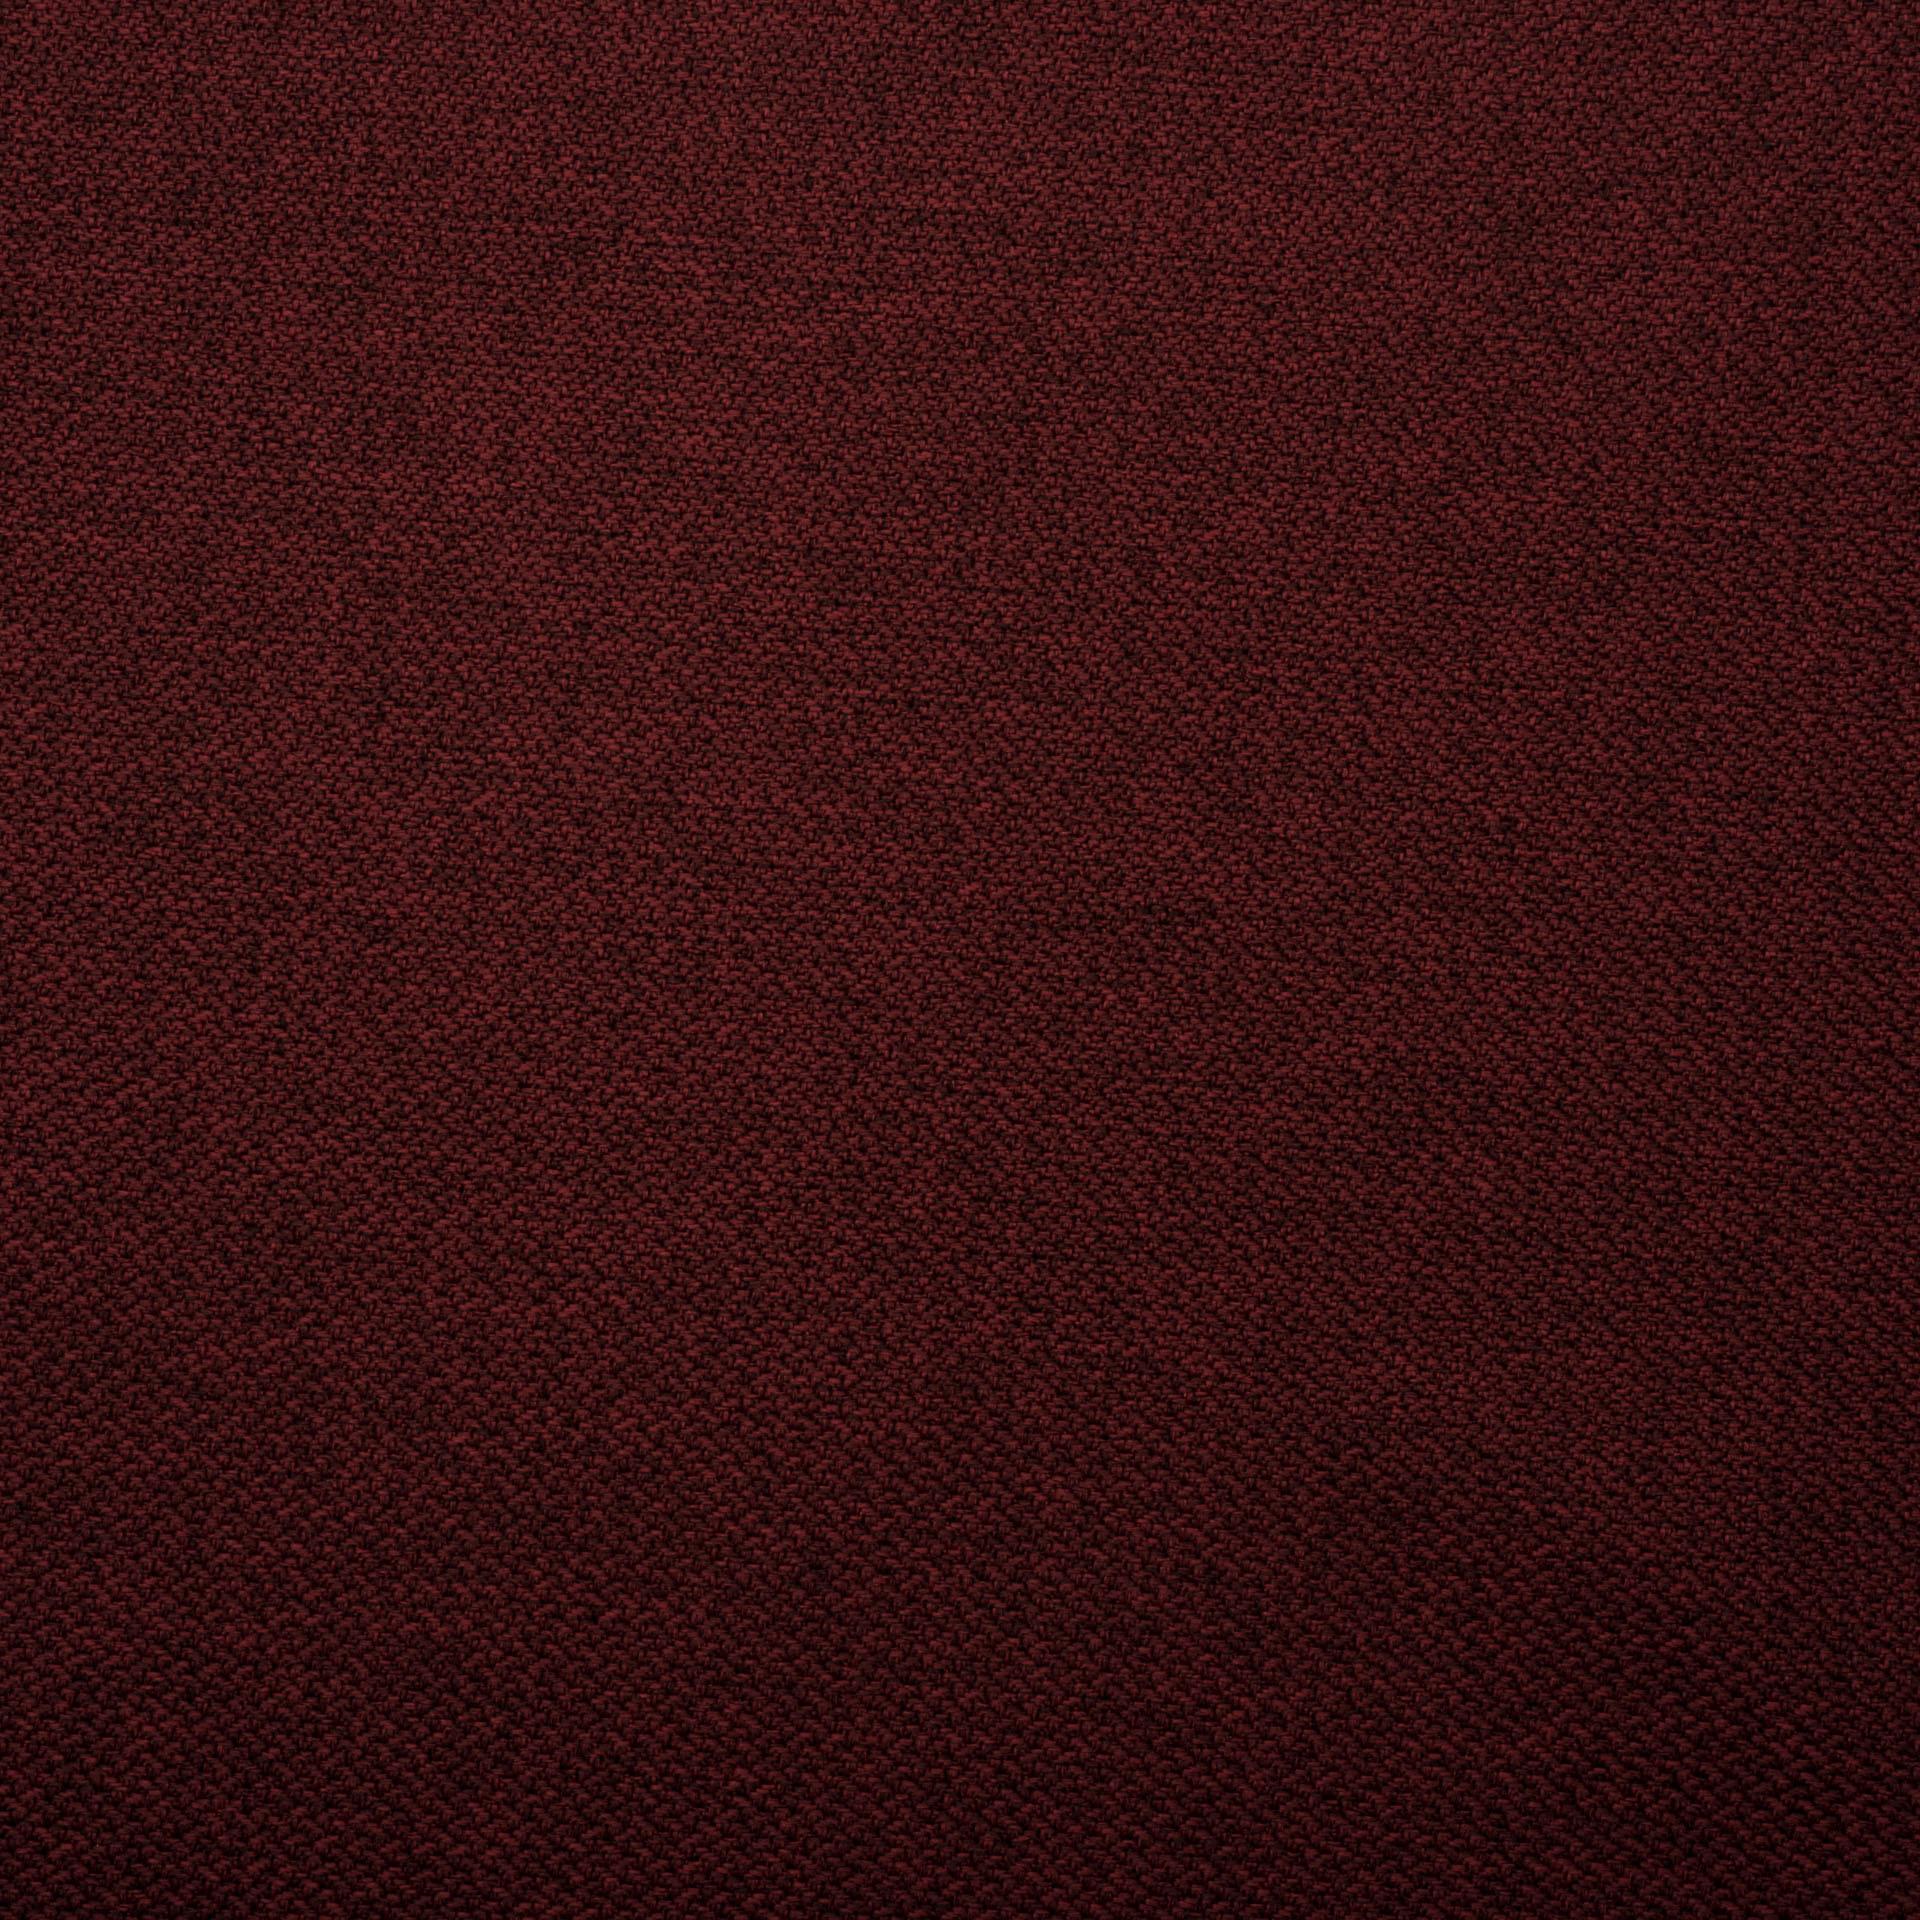 Коллекция ткани Мальмо BОRDO 63,  купить ткань Жаккард для мебели Украина